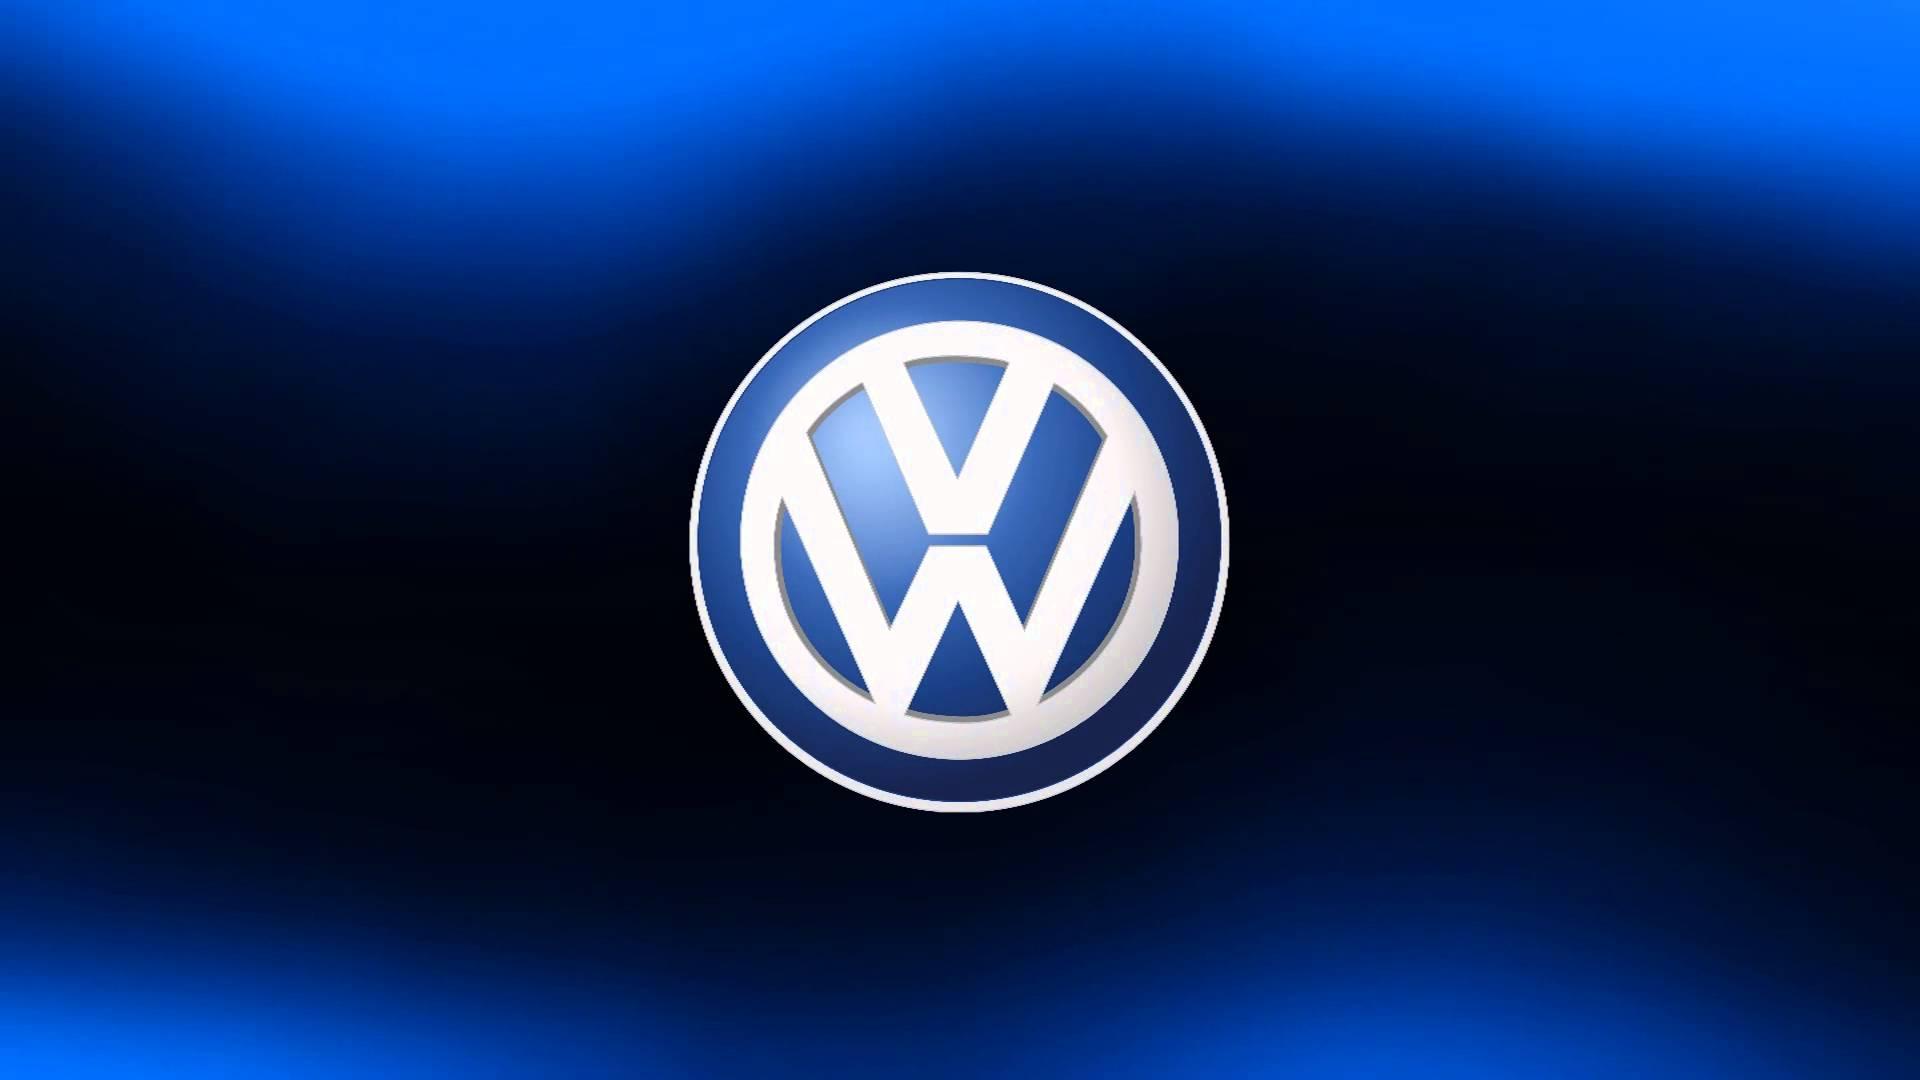 Volkswagen Adr